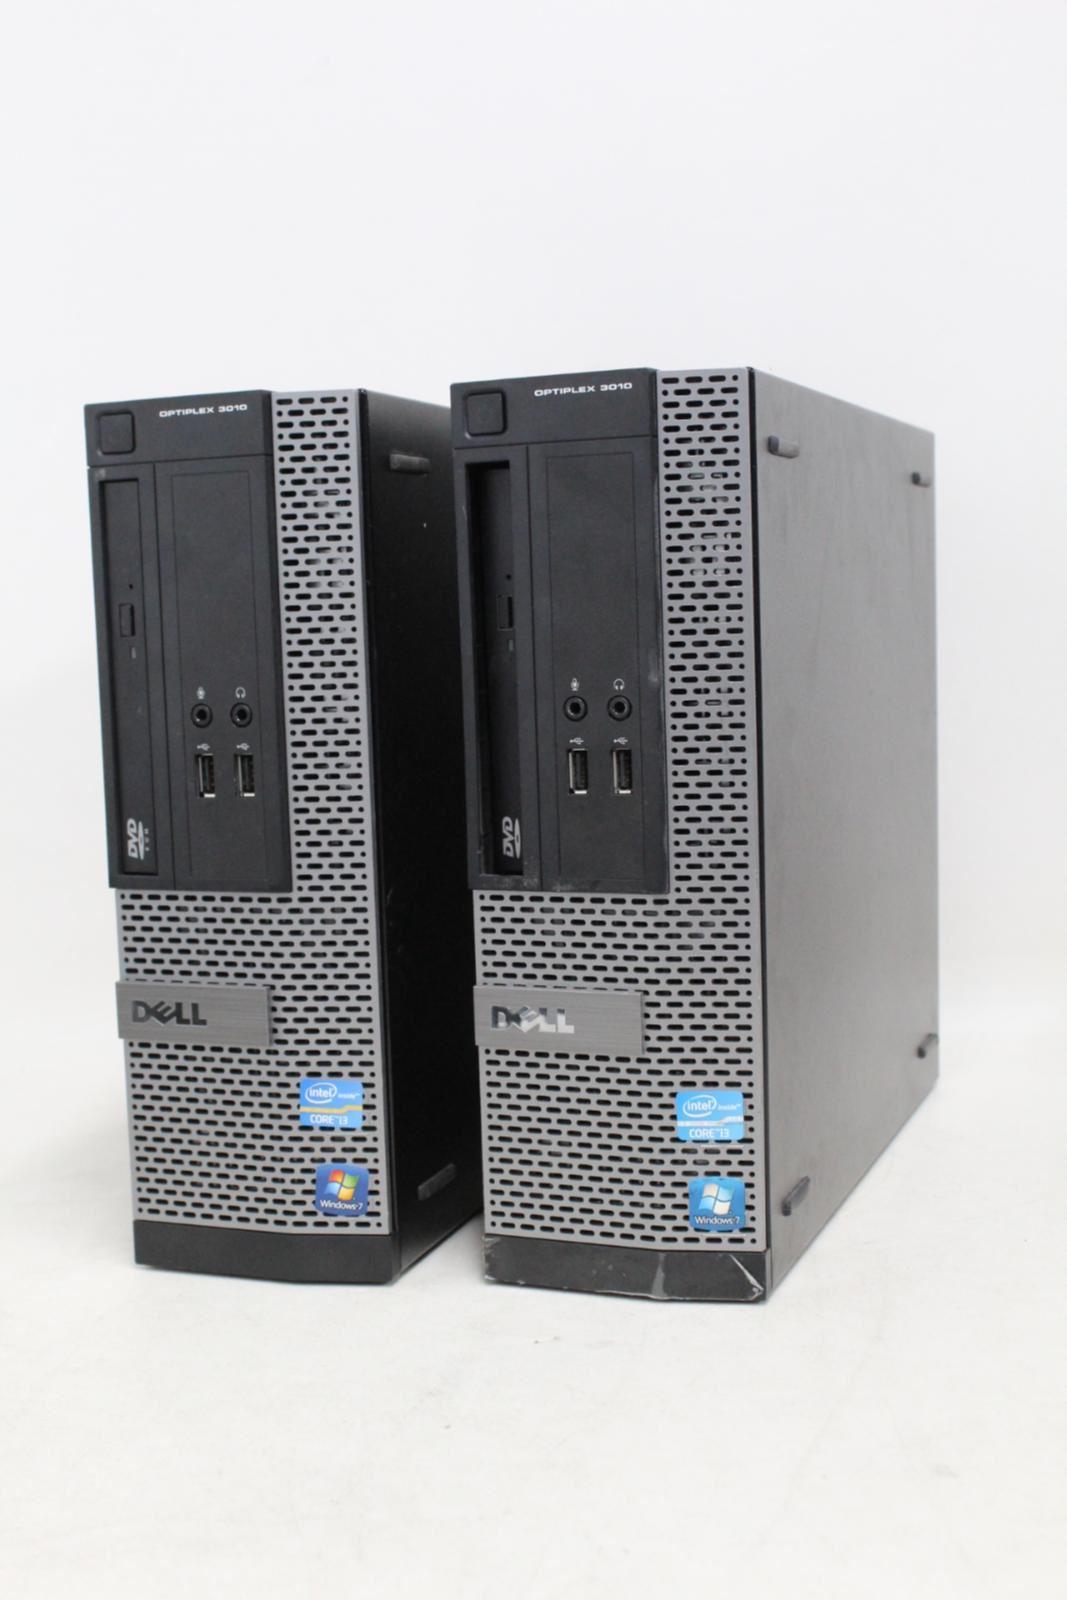 Dell-OptiPlex-3010-Intel-Core-i3-3220-3-3GHz-4GB-RAM-SFF-PC-de-escritorio-sin-disco-duro-2x